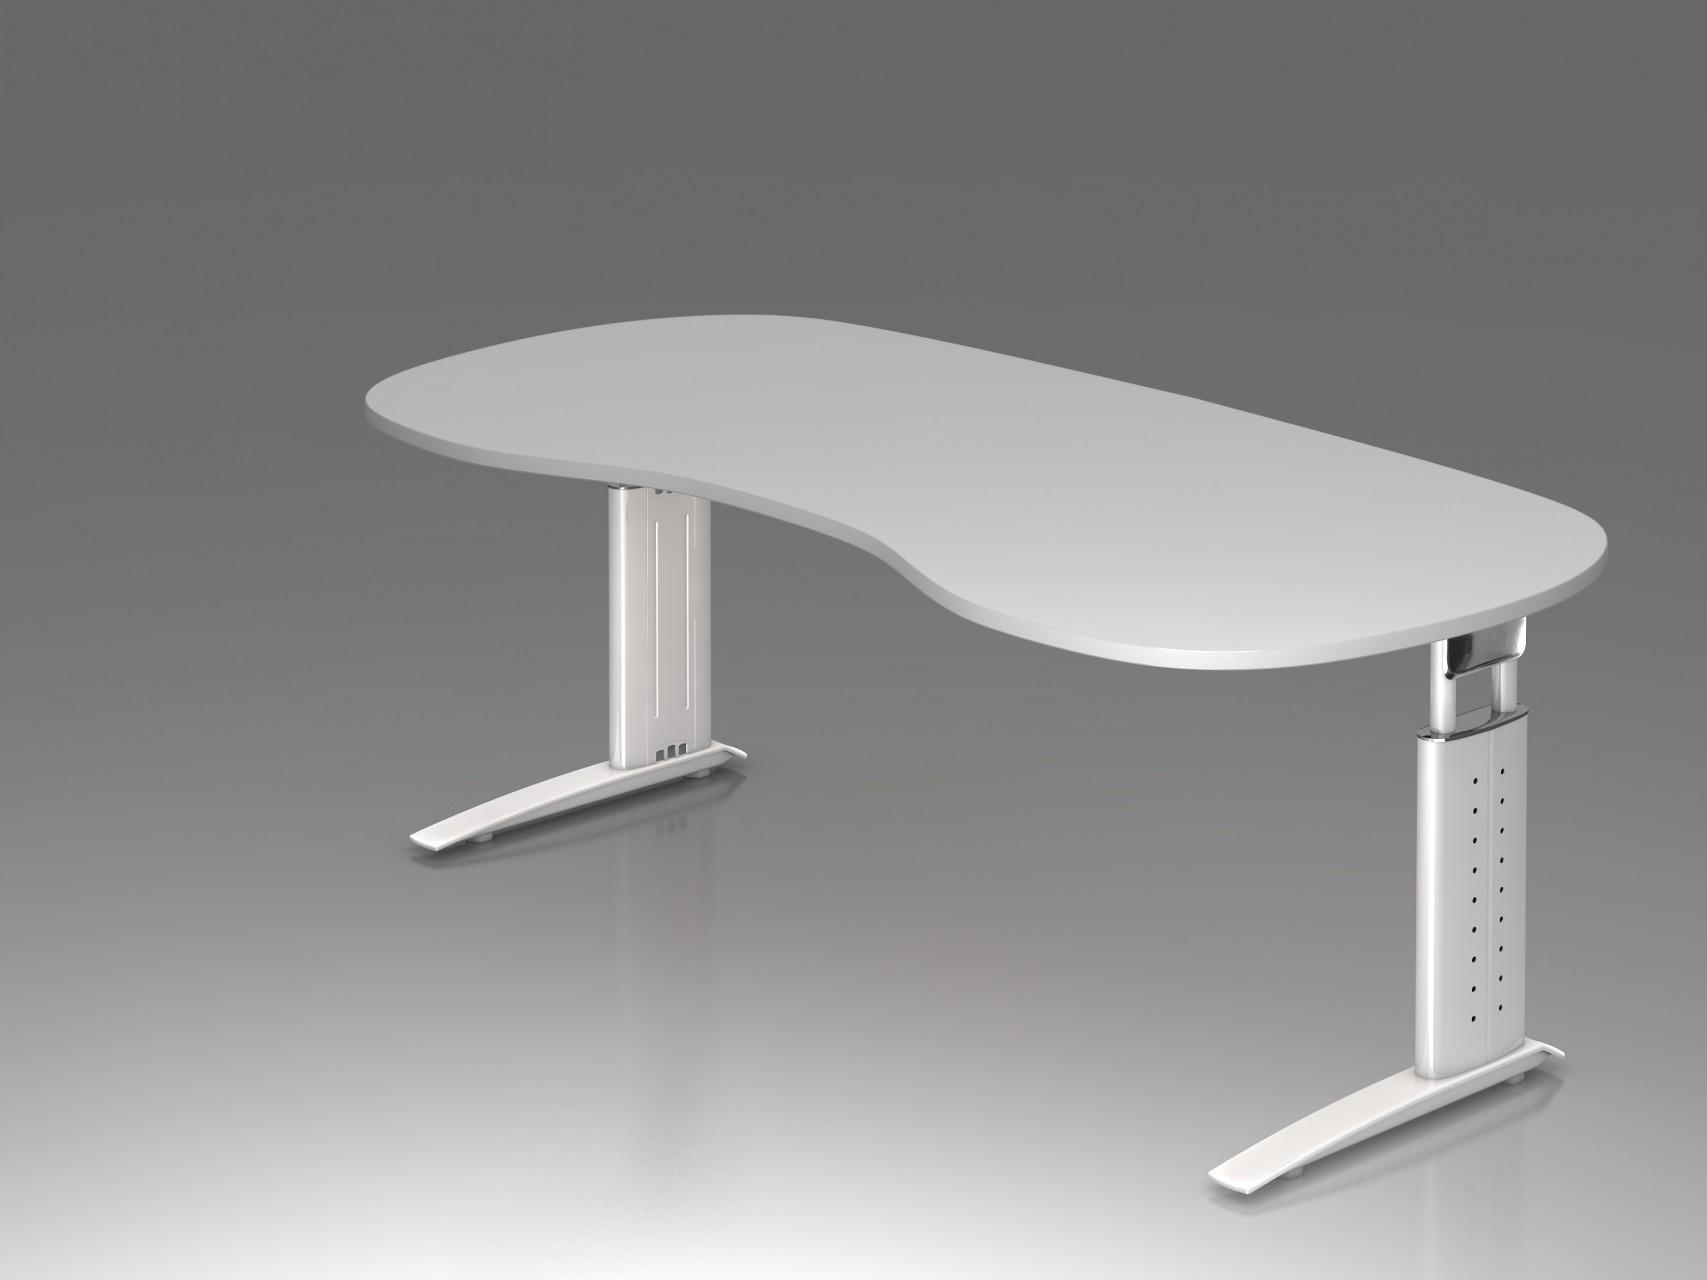 bureau r glable en hauteur ergonomique plus courbe achat. Black Bedroom Furniture Sets. Home Design Ideas